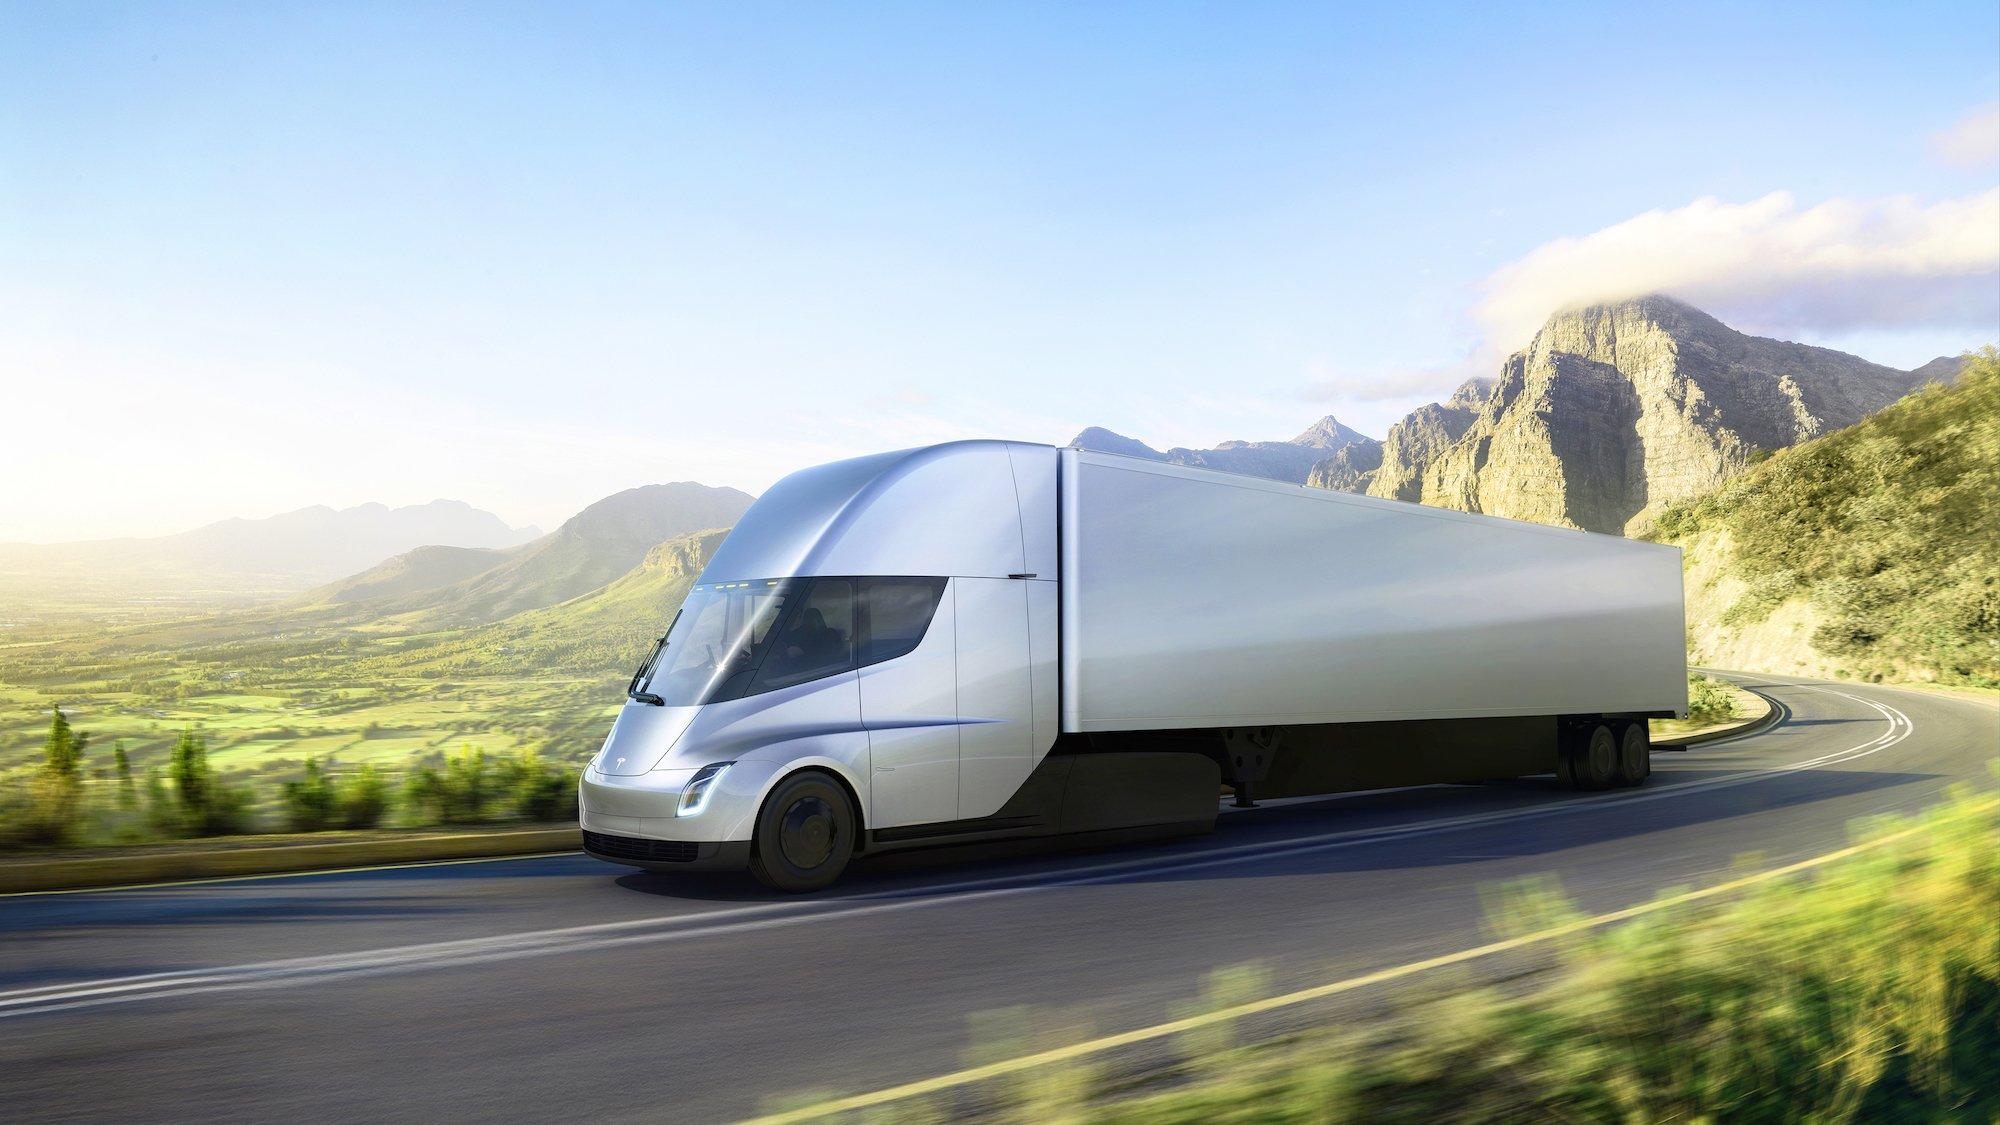 Mezi profese nejvíce ohroženy umělou inteligencí dle Leeho patří řidiči kamionů